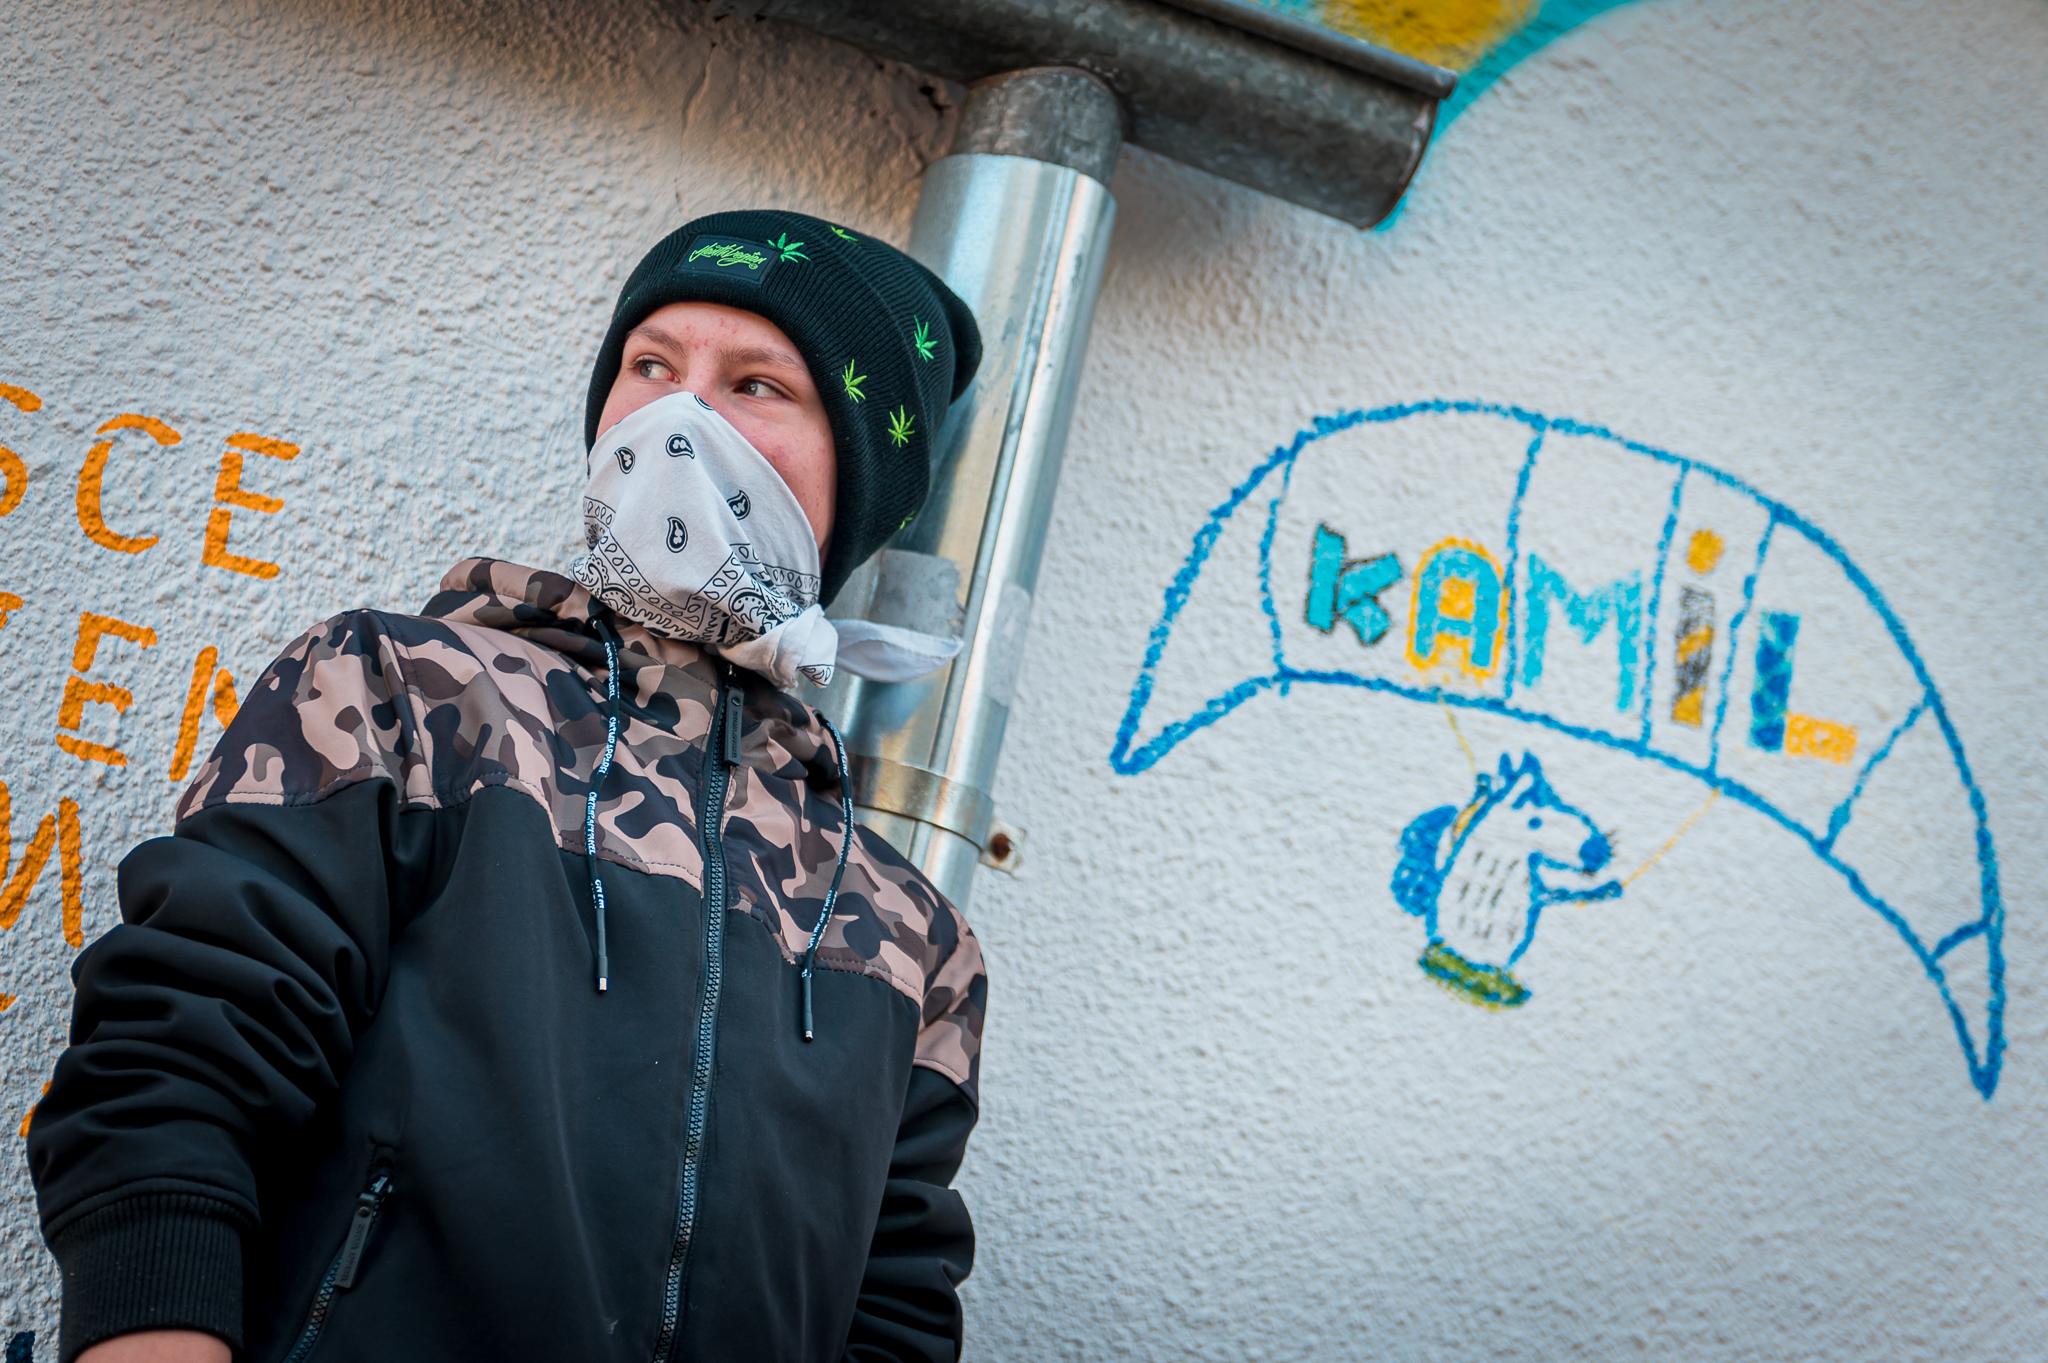 Kamil - jedna z osób zaangażowanych w powstanie muralu